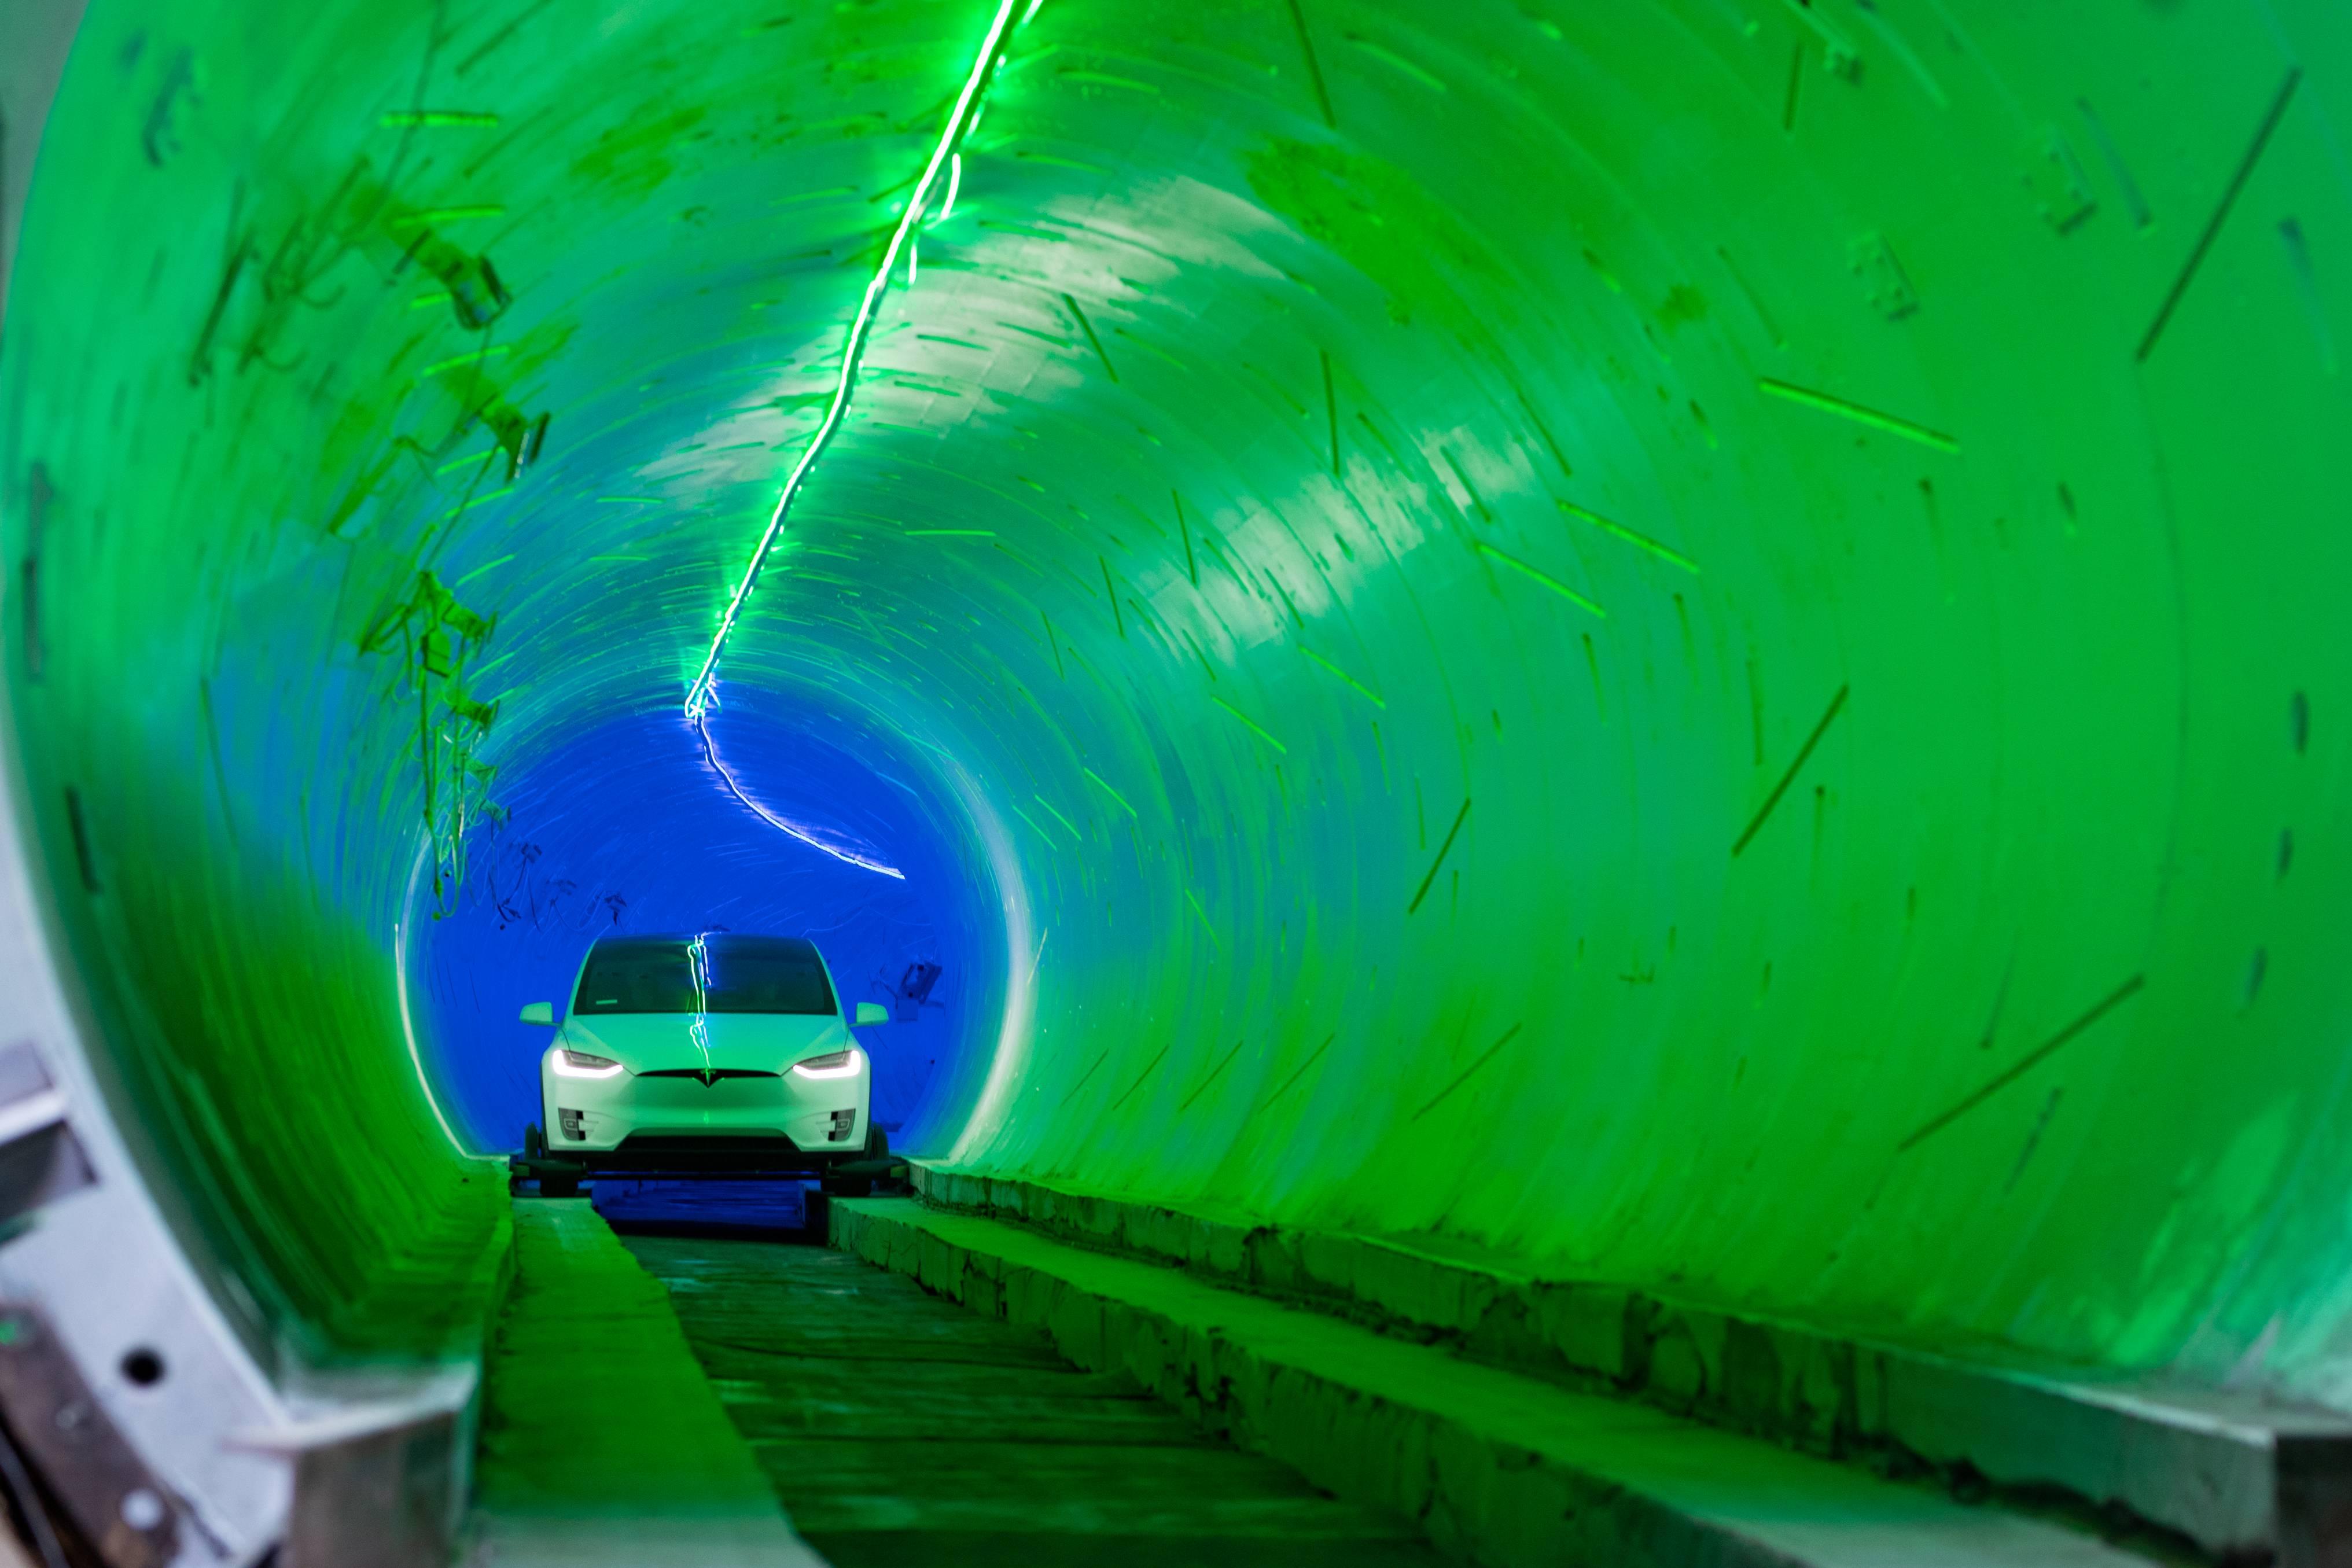 Илон Маск открыл подземную трассу для электрокаров, но ей остались недовольны 1